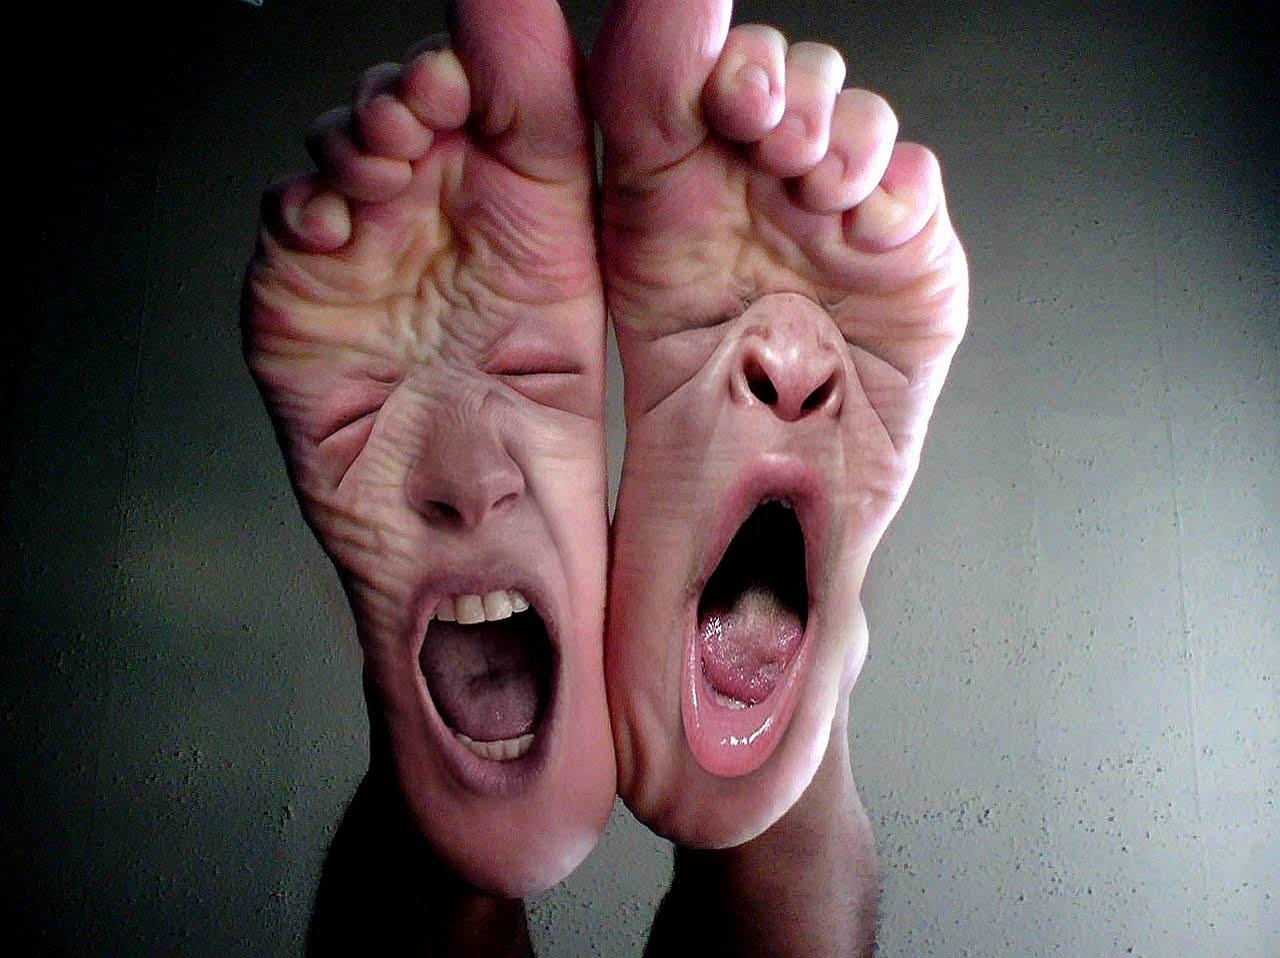 Фото пальчики ног во рту 19 фотография